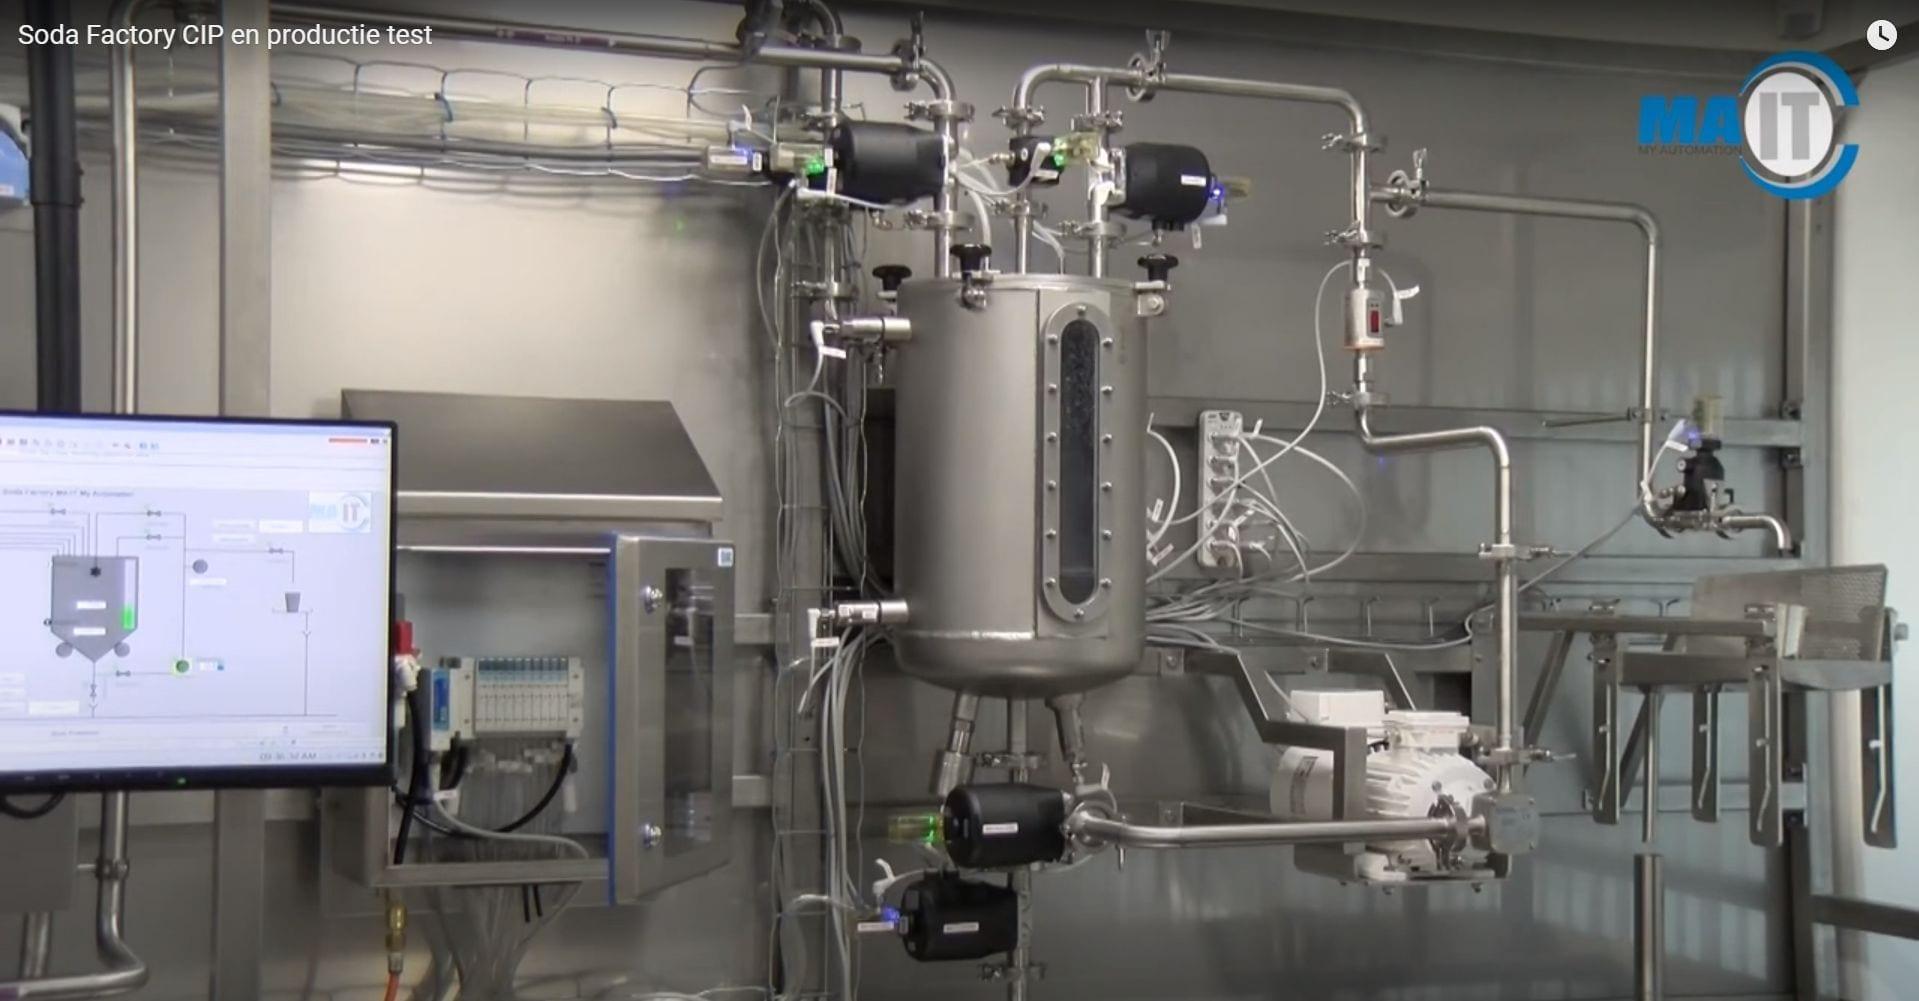 cip en productietest op limonadefabriek